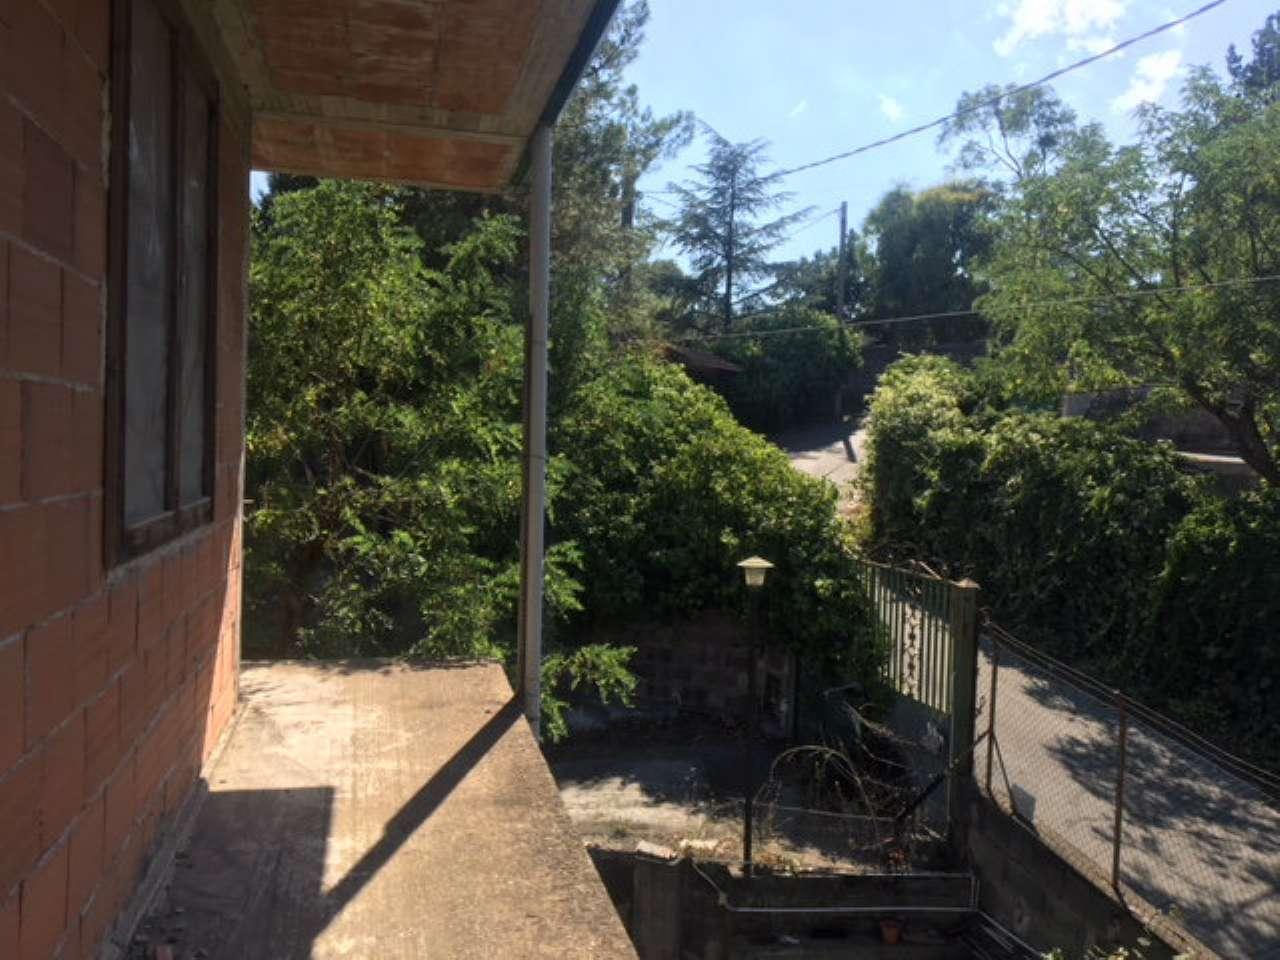 Casa indipendente da completare con giardino privato